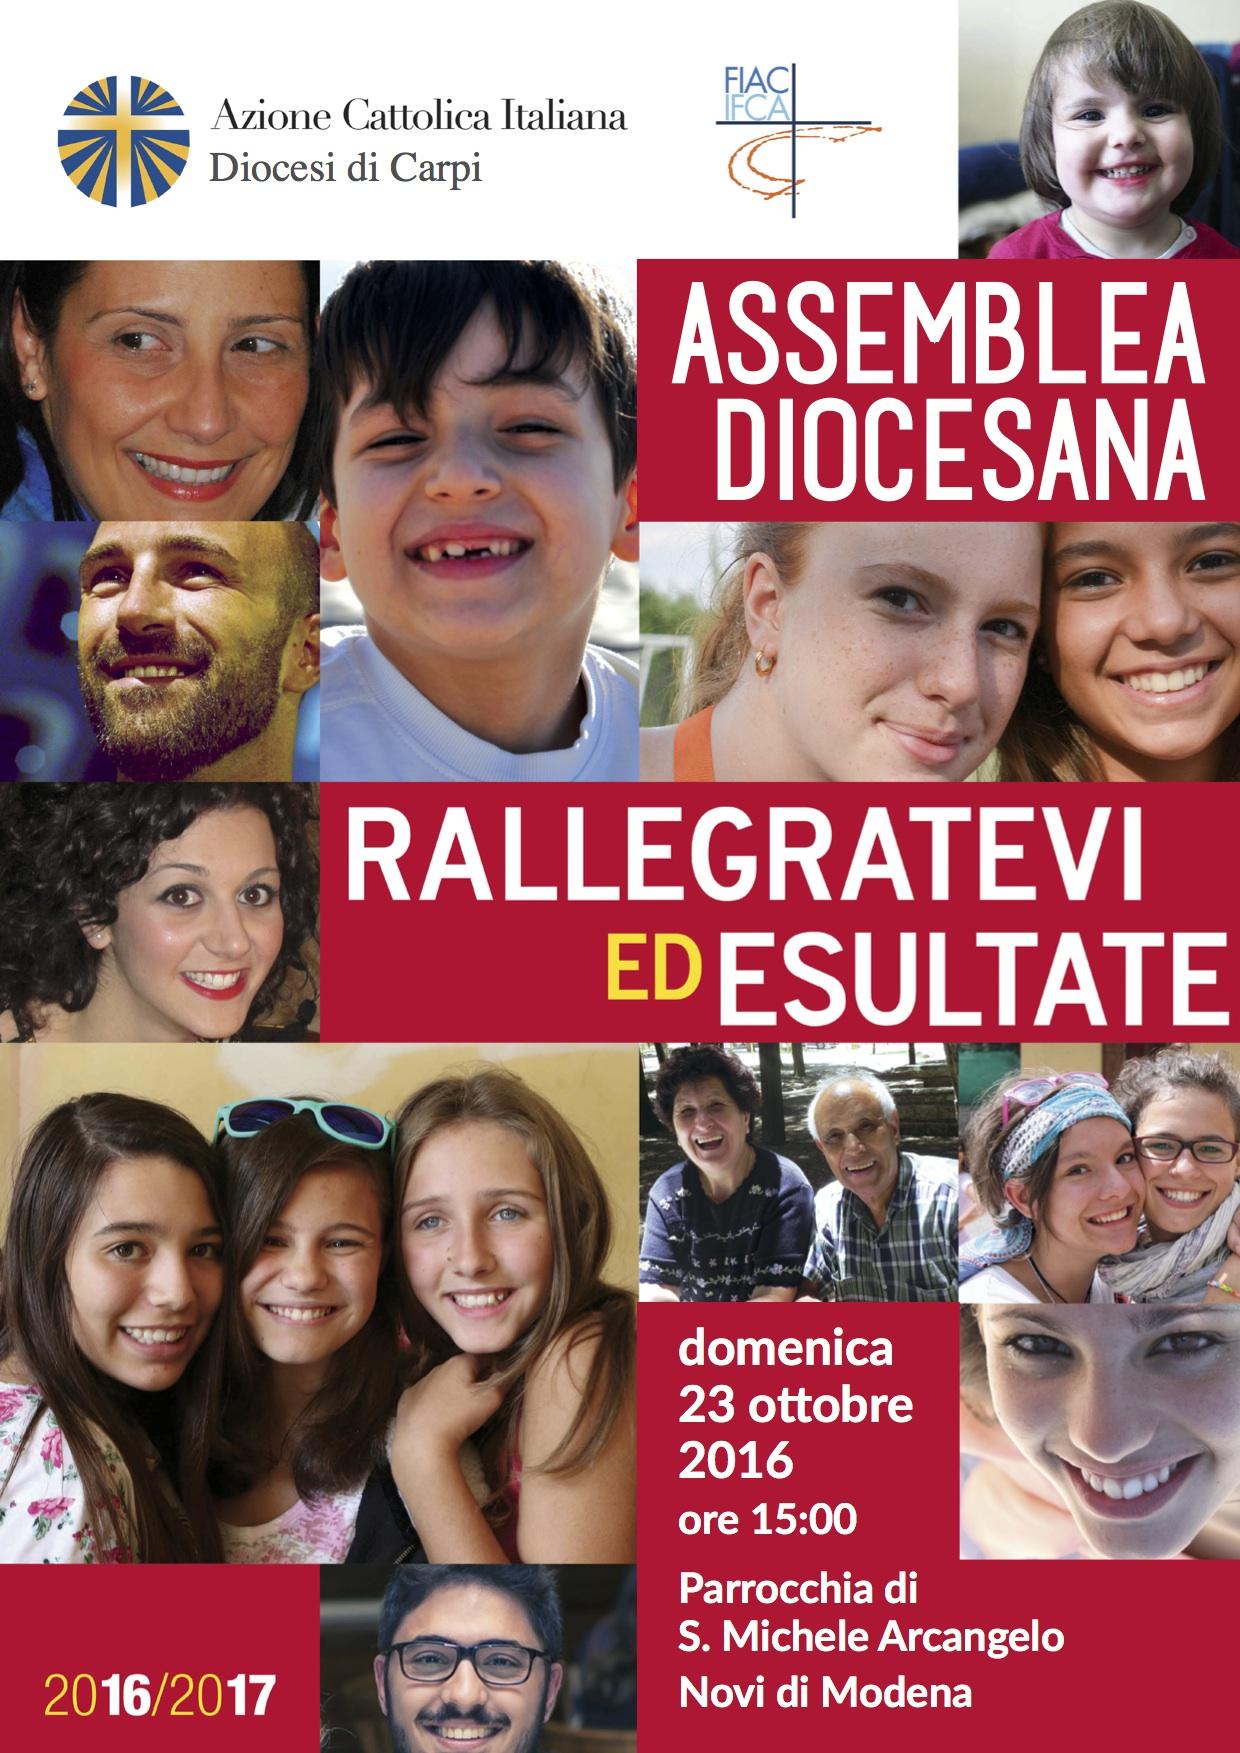 assemblea diocesana AC Carpi 8 novembre 2015